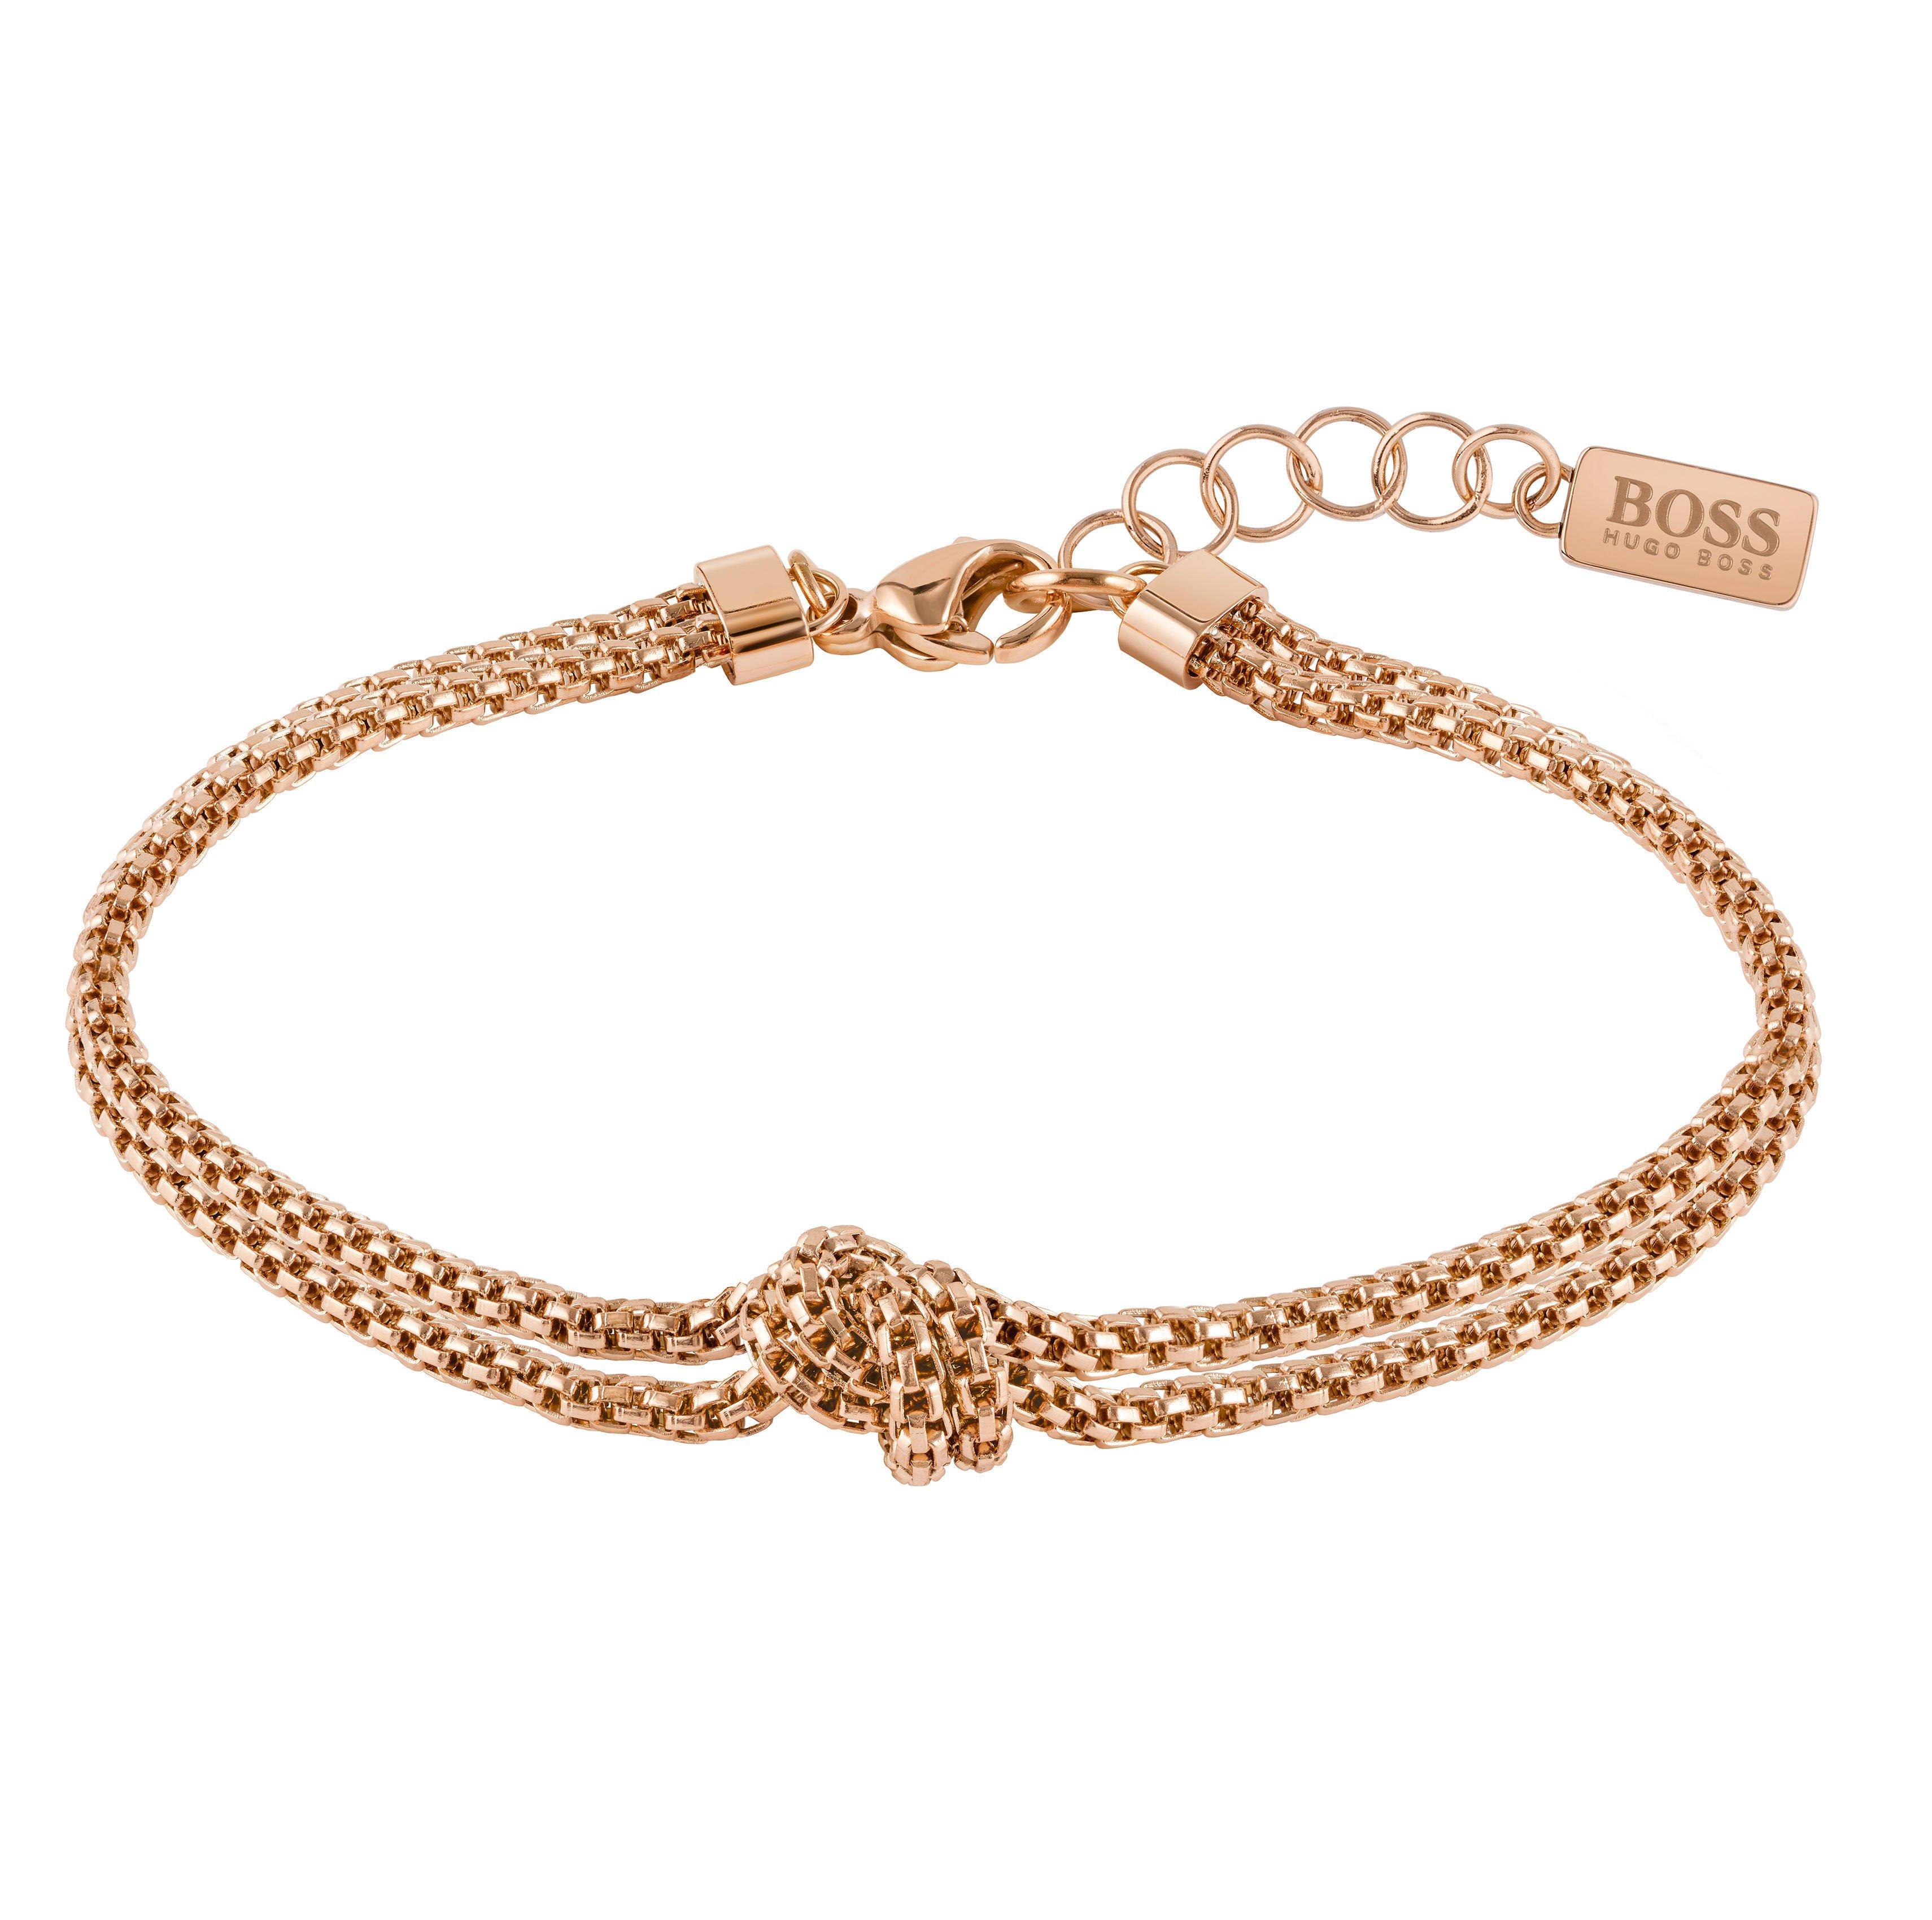 BOSS Rosette Rose Gold Tone Bracelet